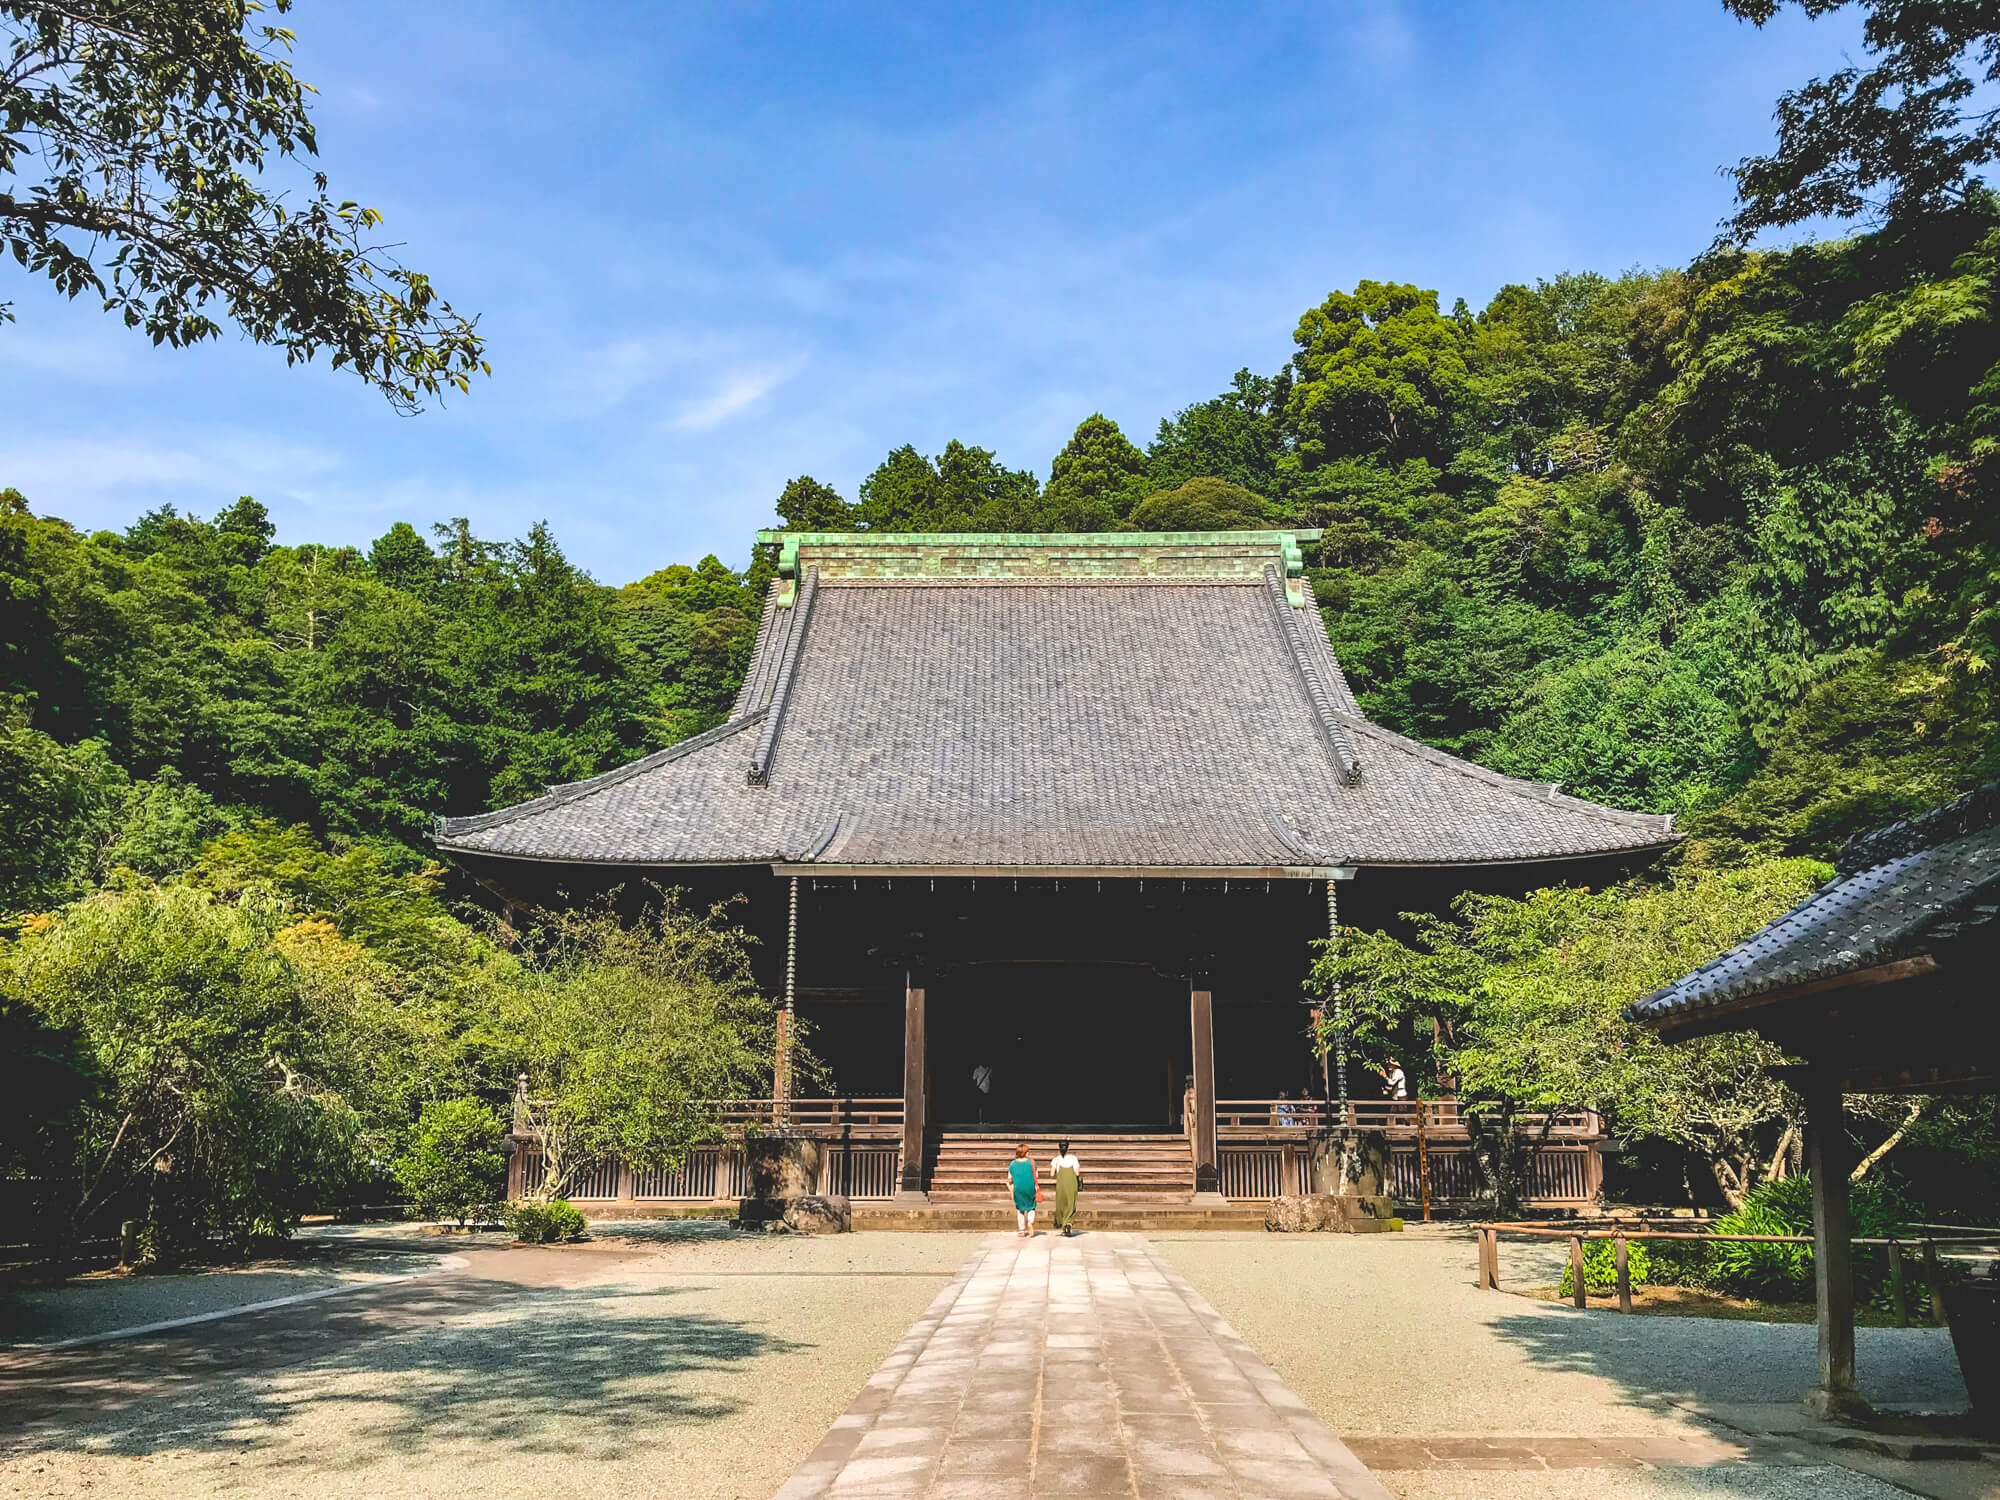 口コミで回るひとり旅Vol.1 鎌倉 妙本寺 by写真家 藤原浩さん